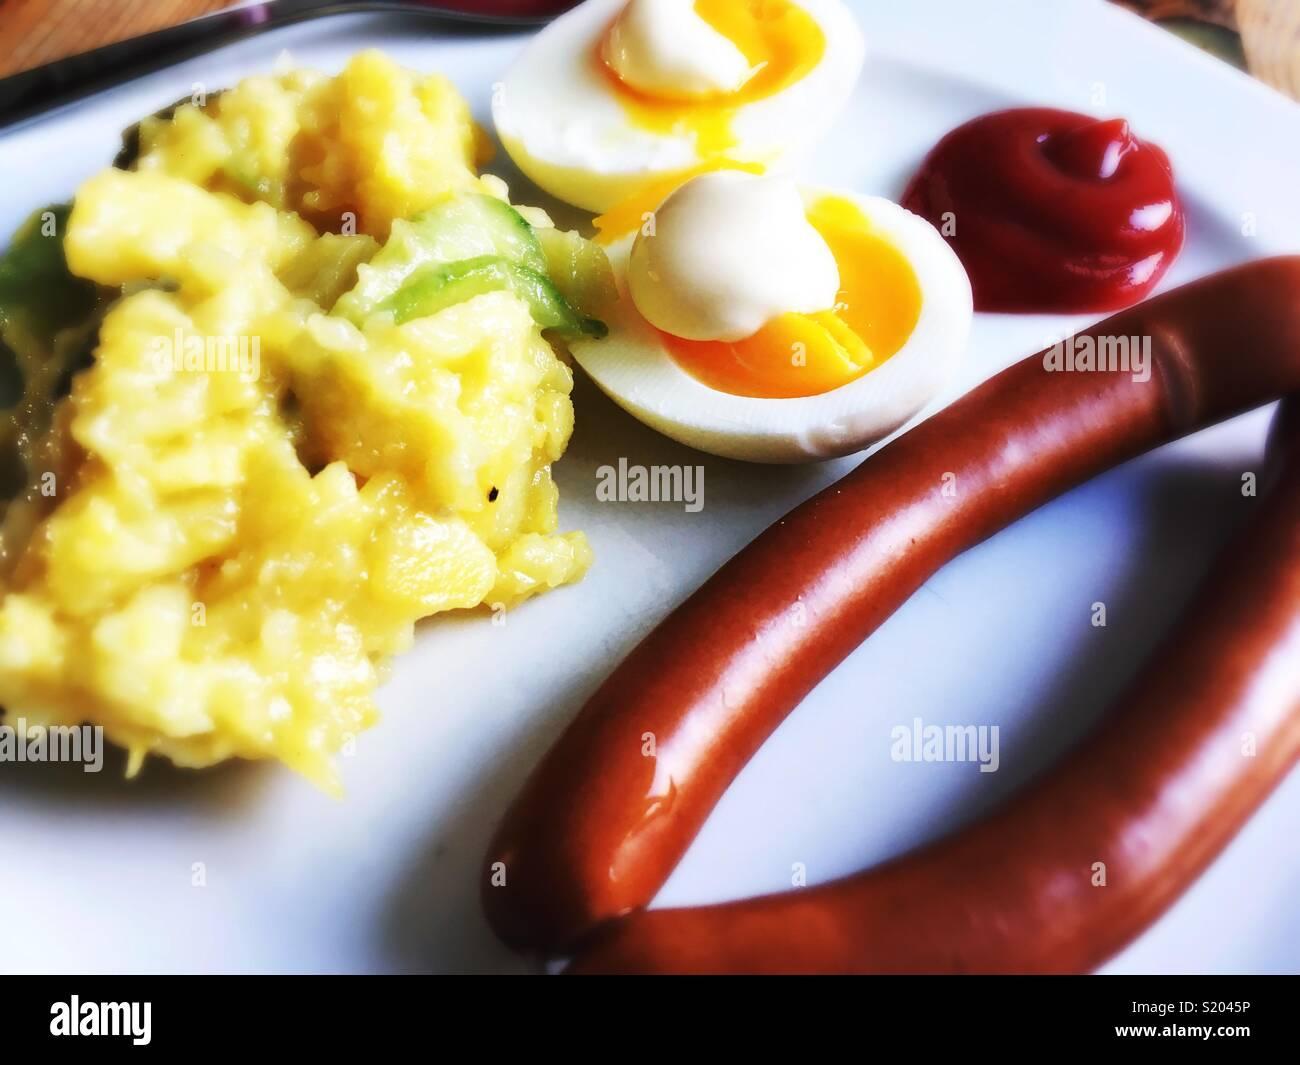 Une paire de saucisses de Vienne, oeufs, mayonnaise, ketchup et salade de pommes de terre sur une plaque blanche Photo Stock